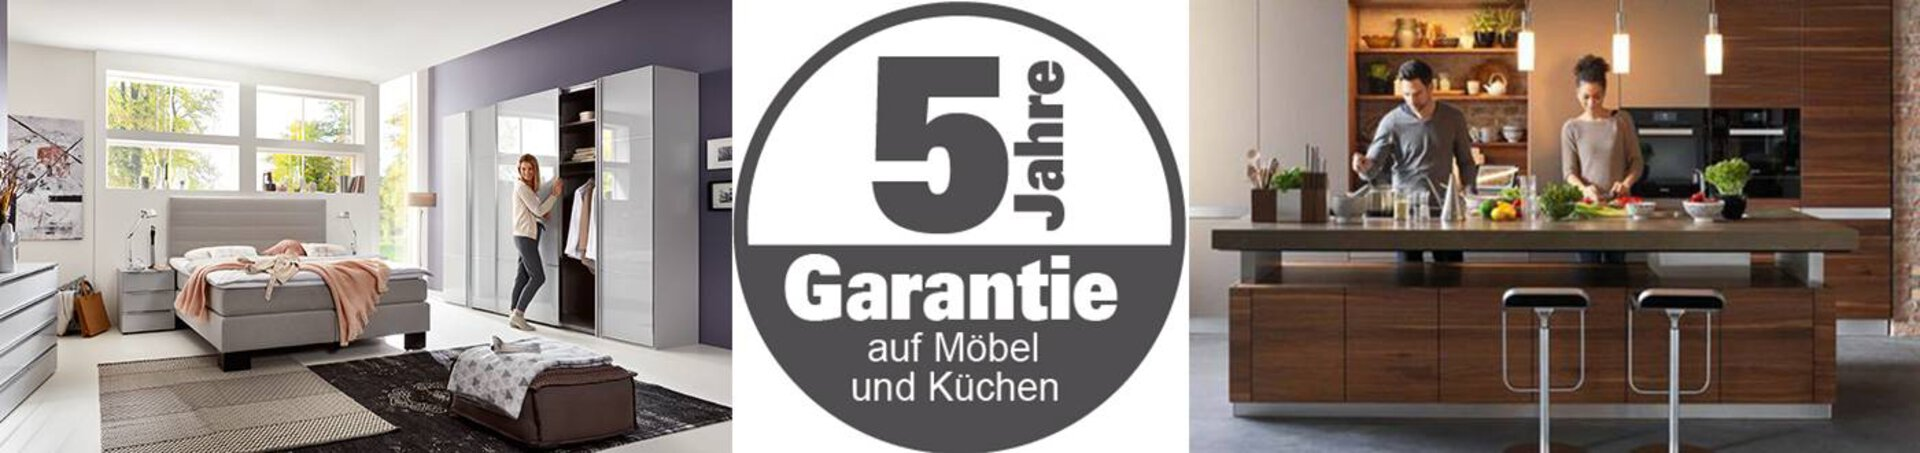 Titel-Banner-Bild zu Möbel-Gütepass - Garantie